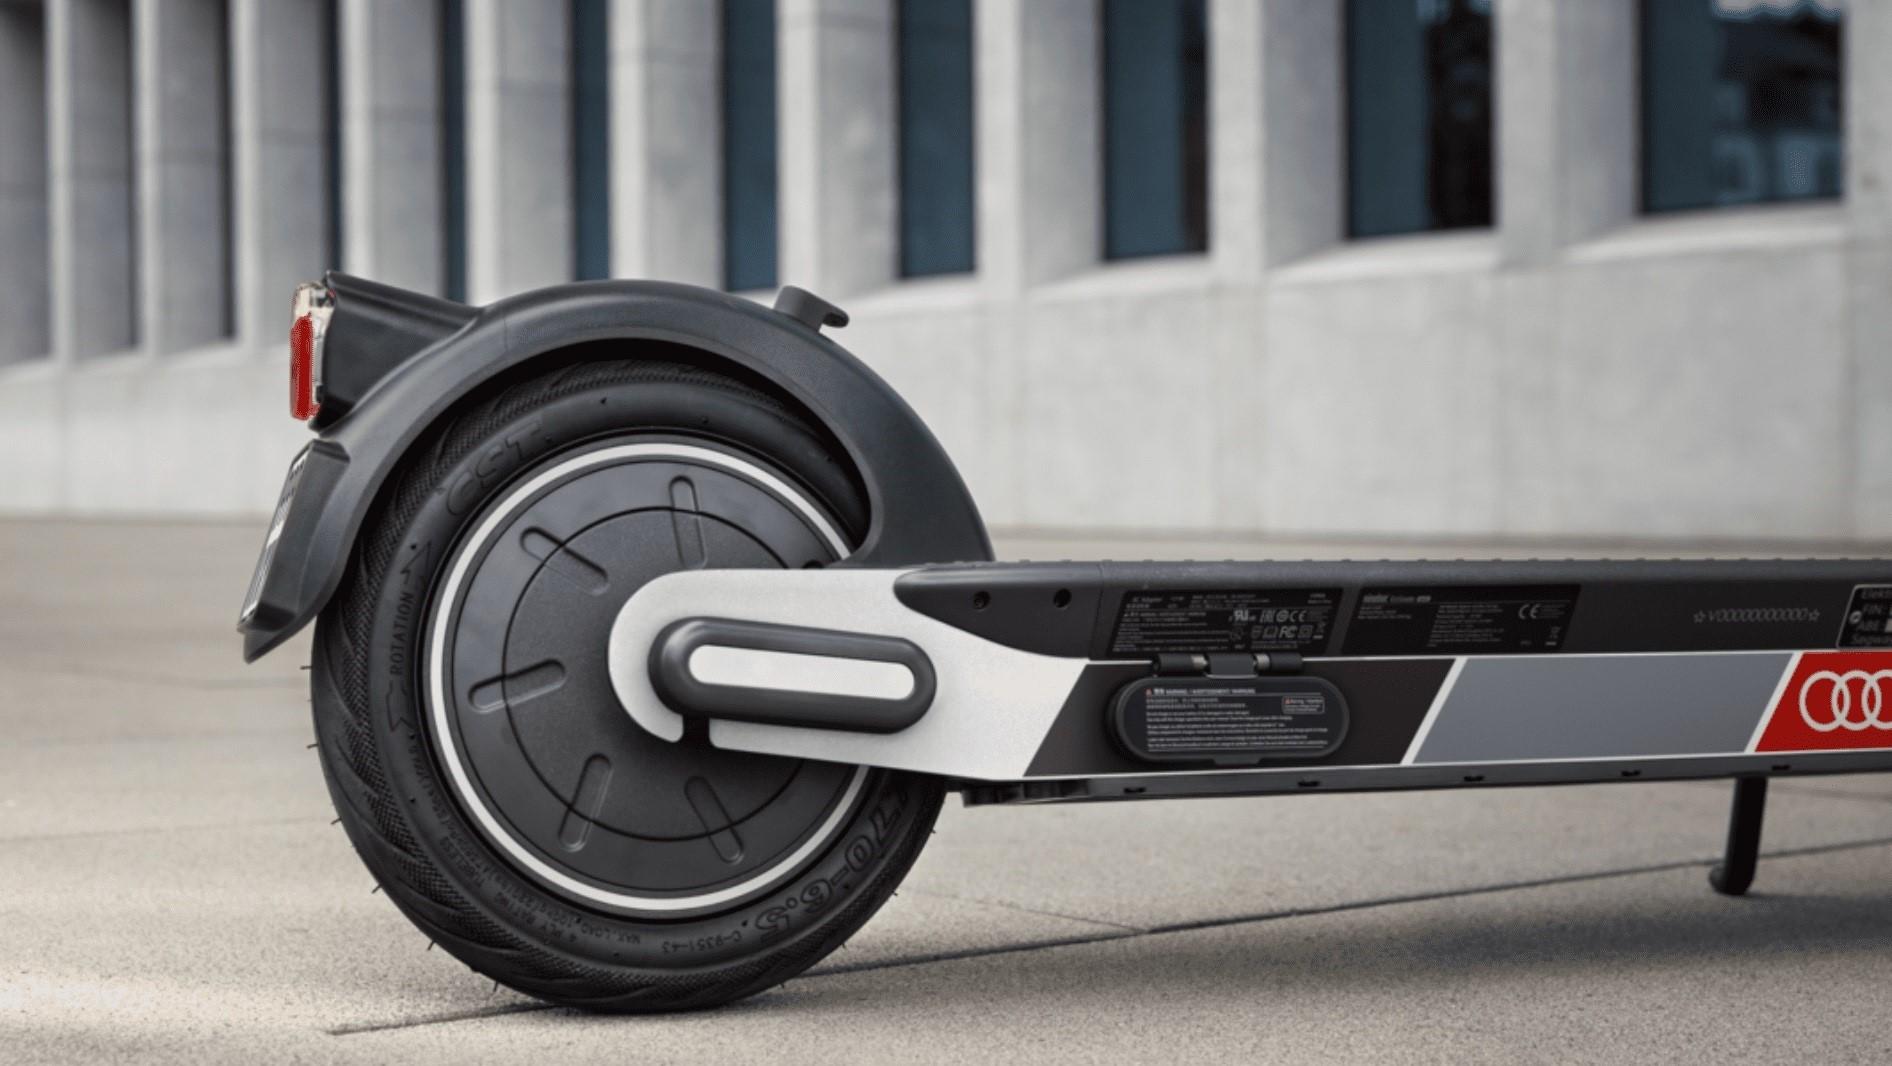 e-scooter 3